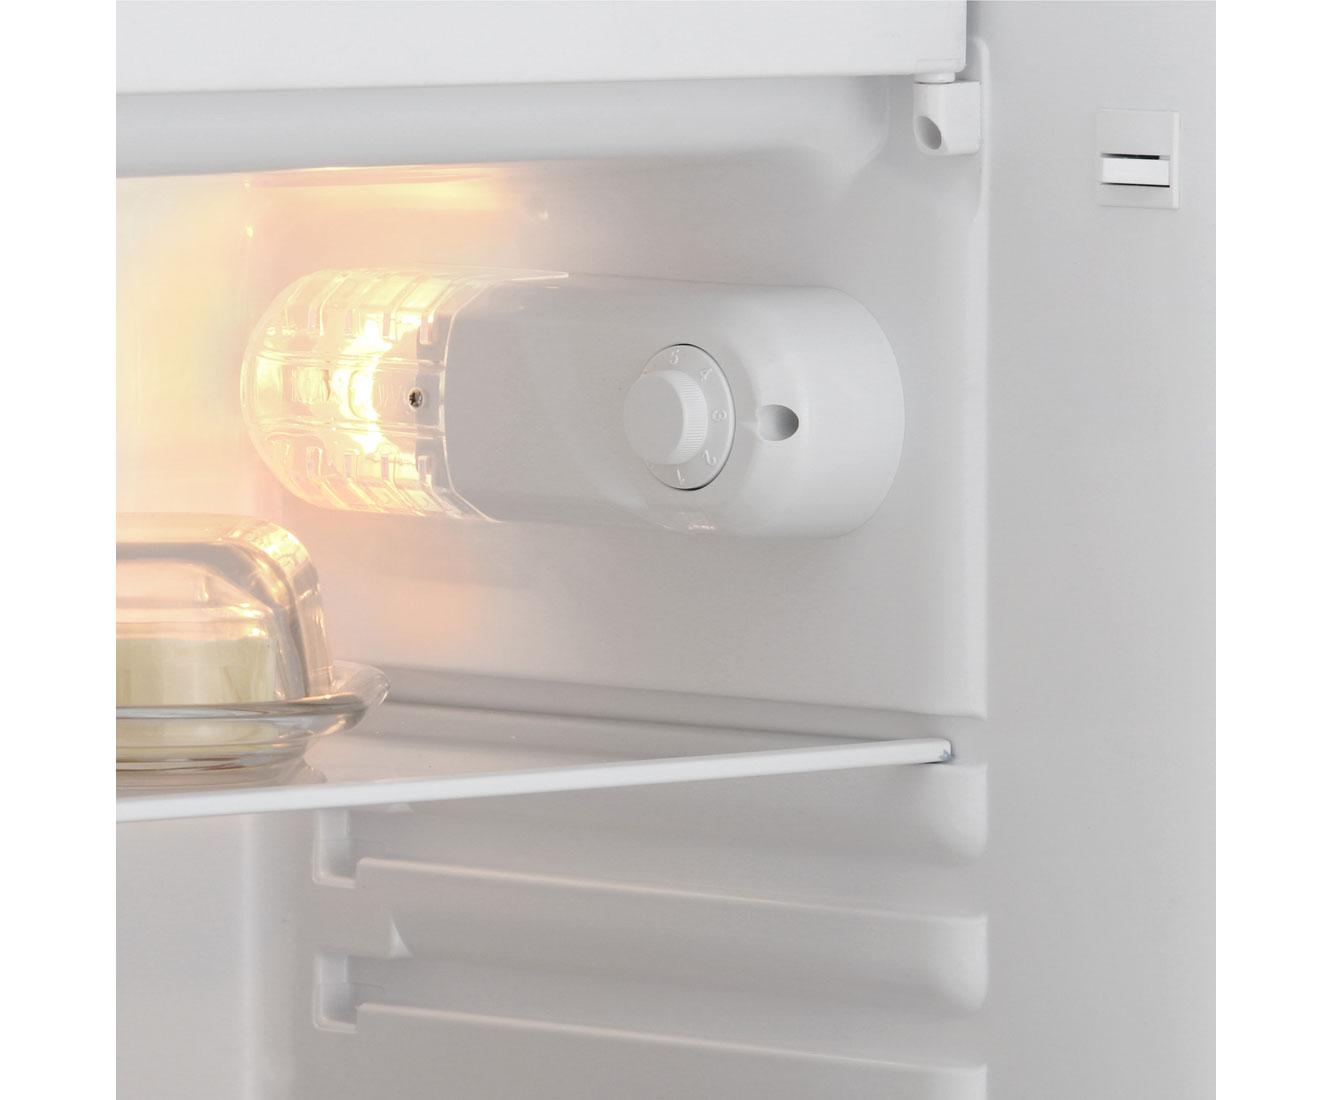 Exquisit KS117-4 A++ Kühlschrank mit Gefrierfach - Weiß, A++